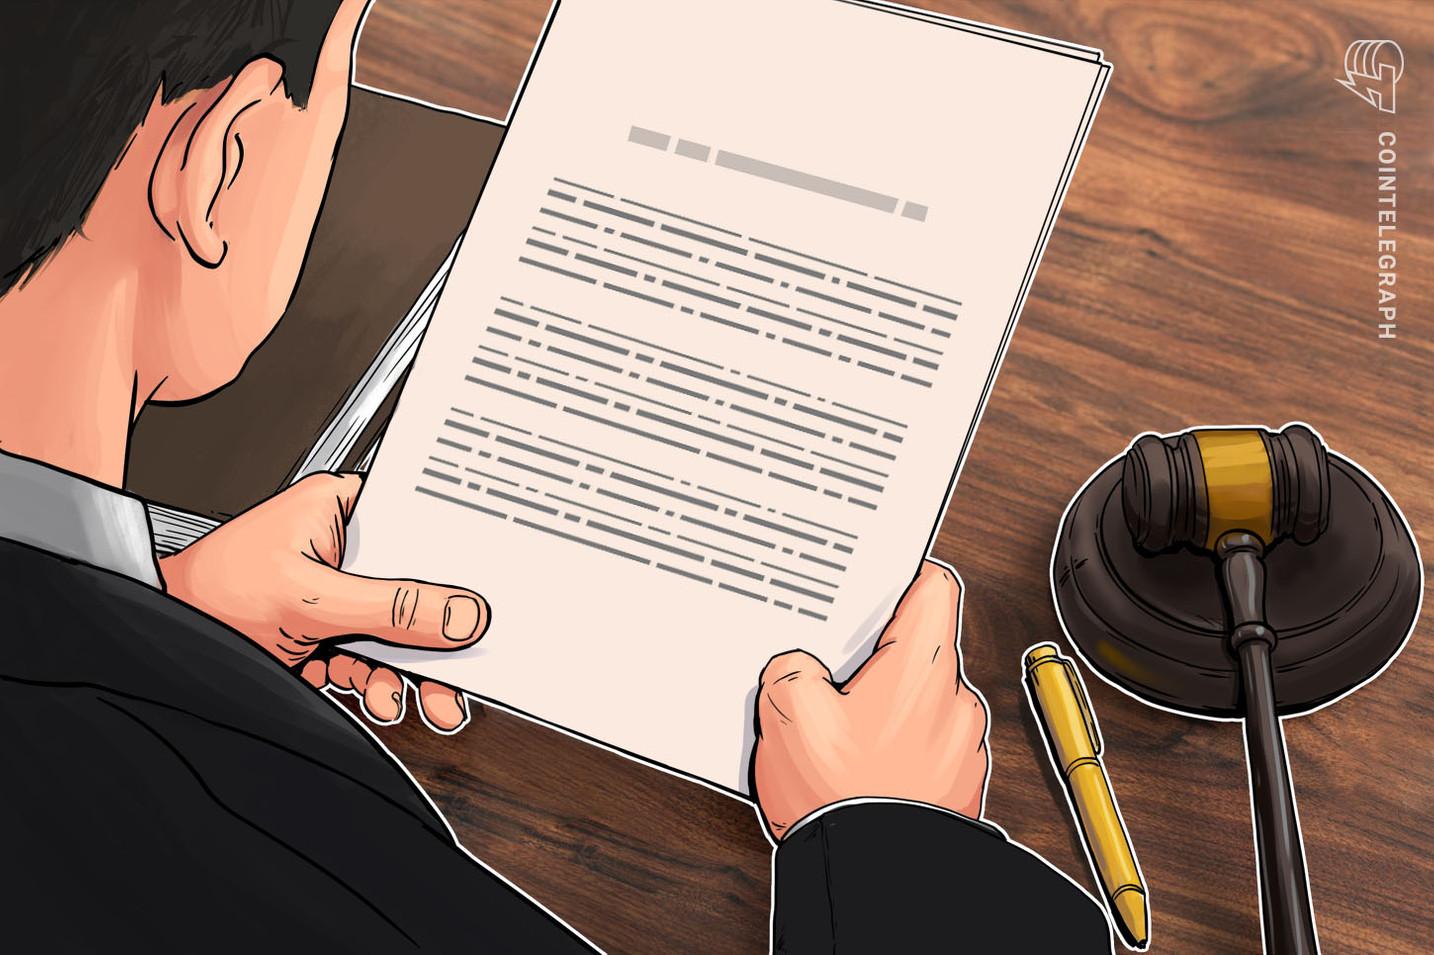 Ex gerente de la mesa de comercio demanda a Kraken por USD 900.000 por supuesta falta de pago